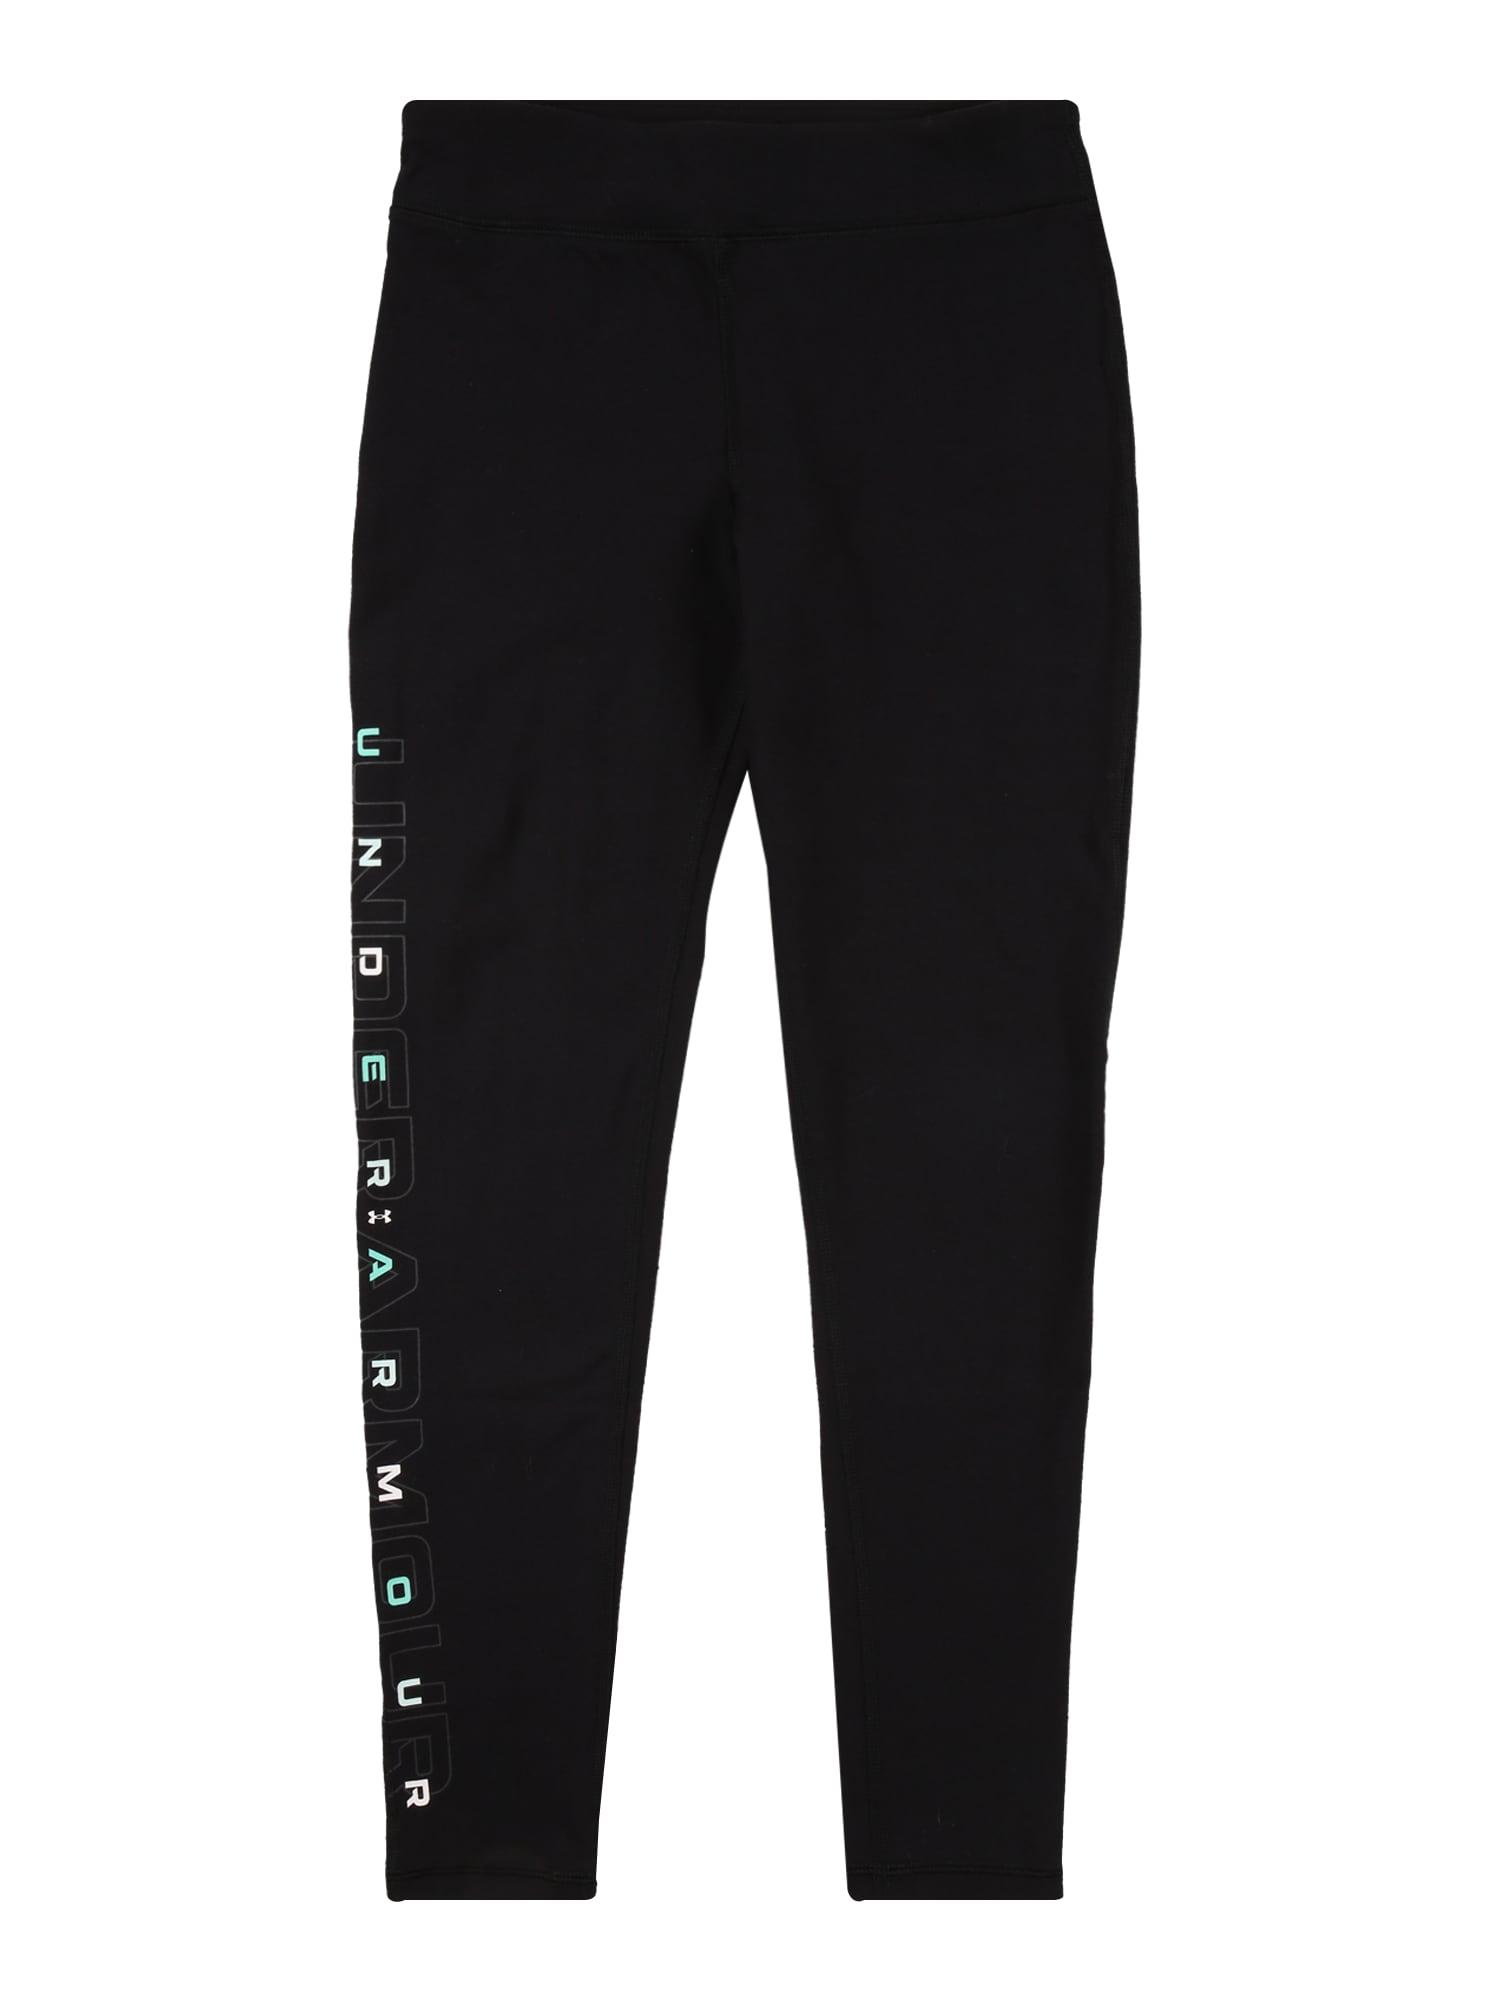 UNDER ARMOUR Sportinės kelnės juoda / balta / šviesiai mėlyna